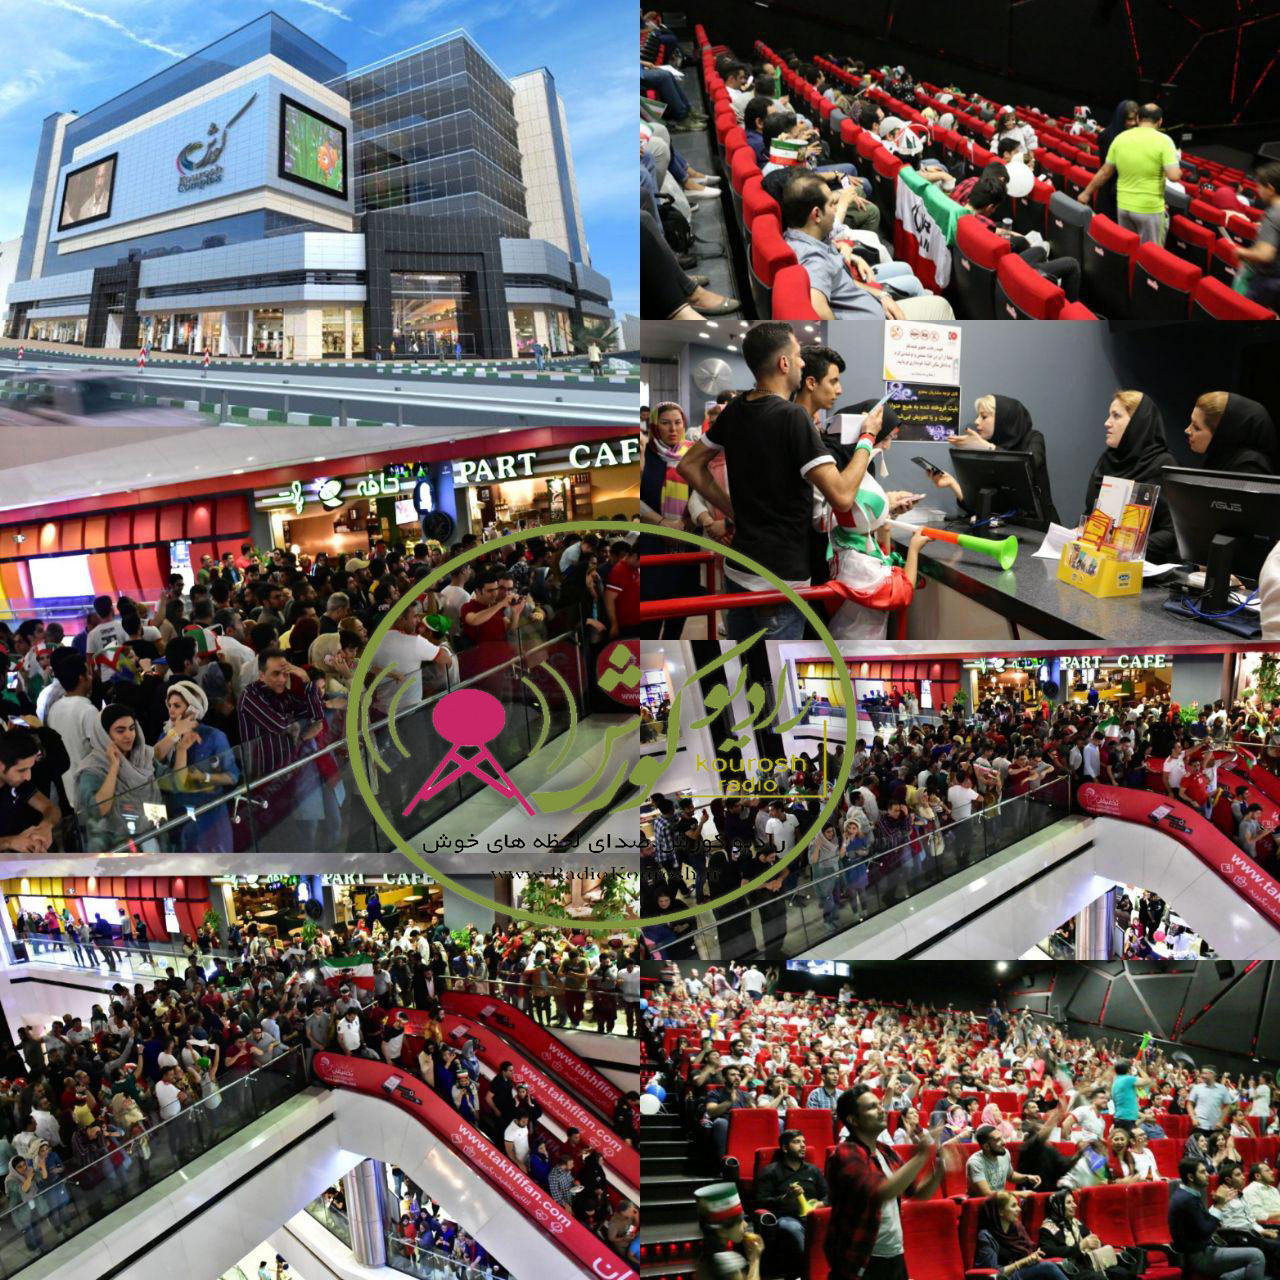 پردیس کورش پرمخطب ترین پردیس سینمایی دنیاست